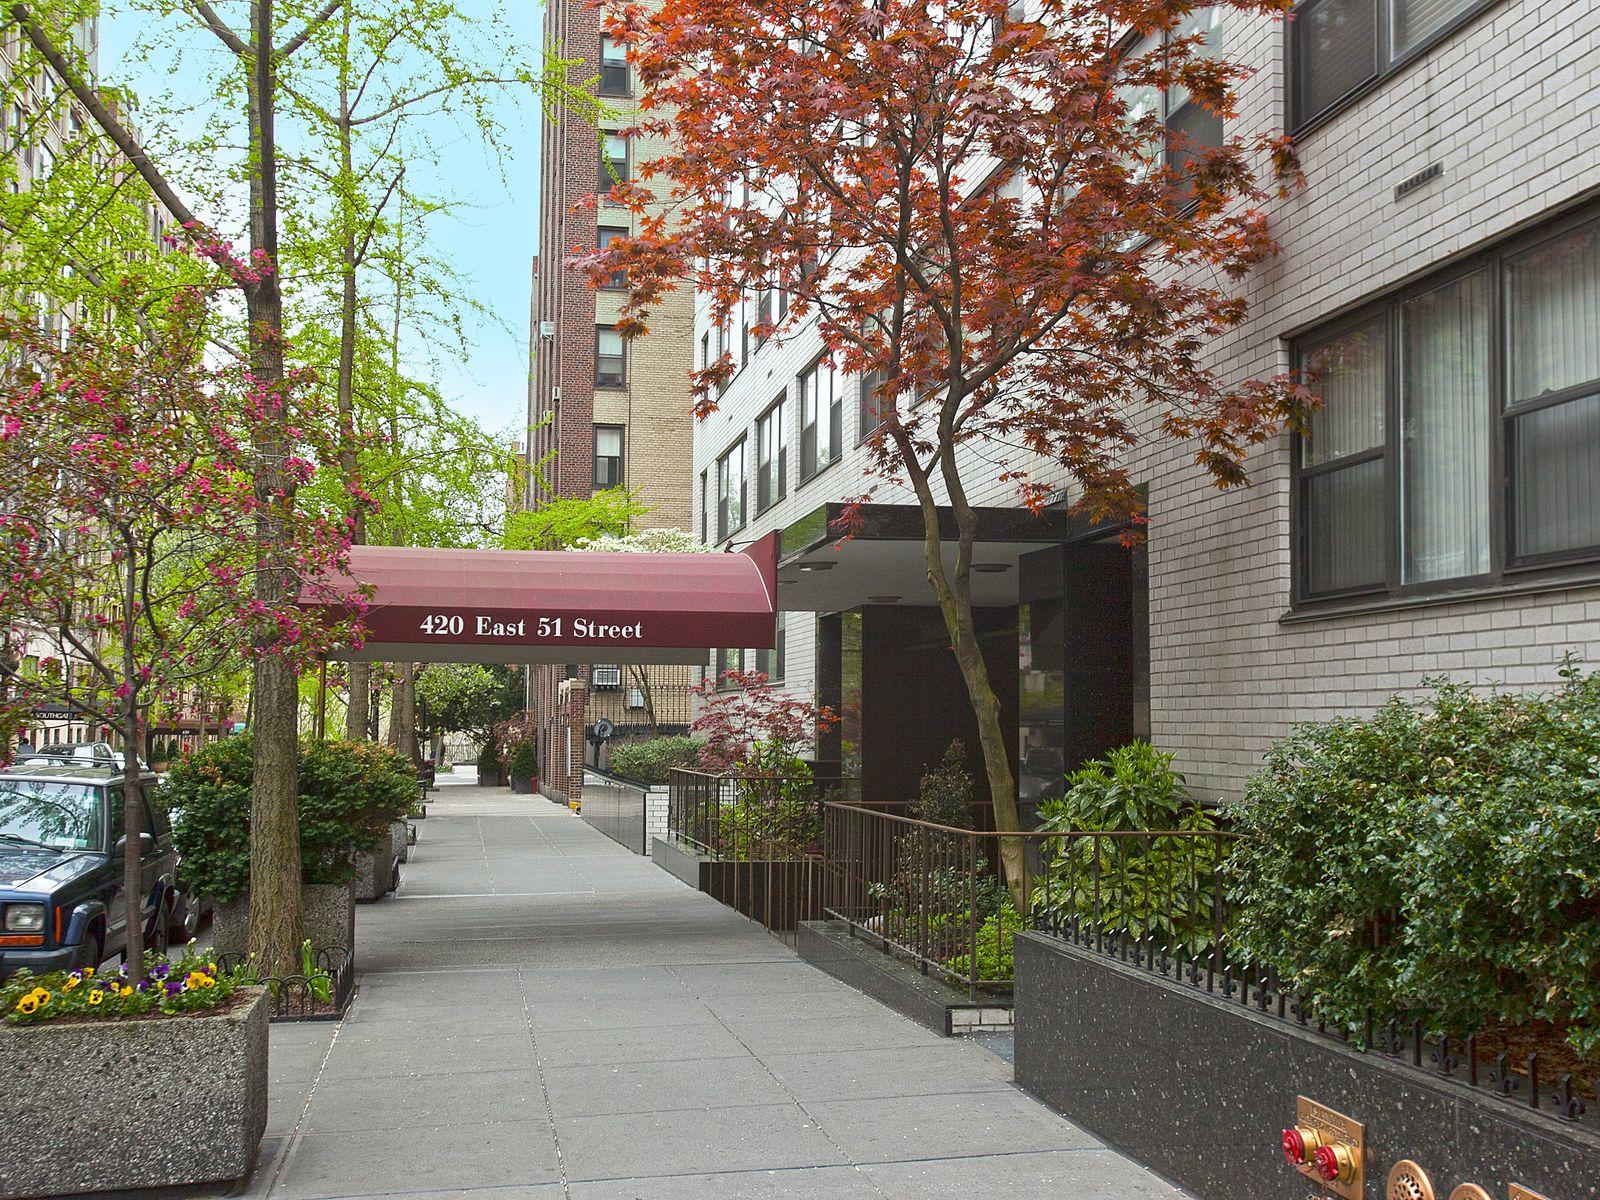 420 East 51st Street